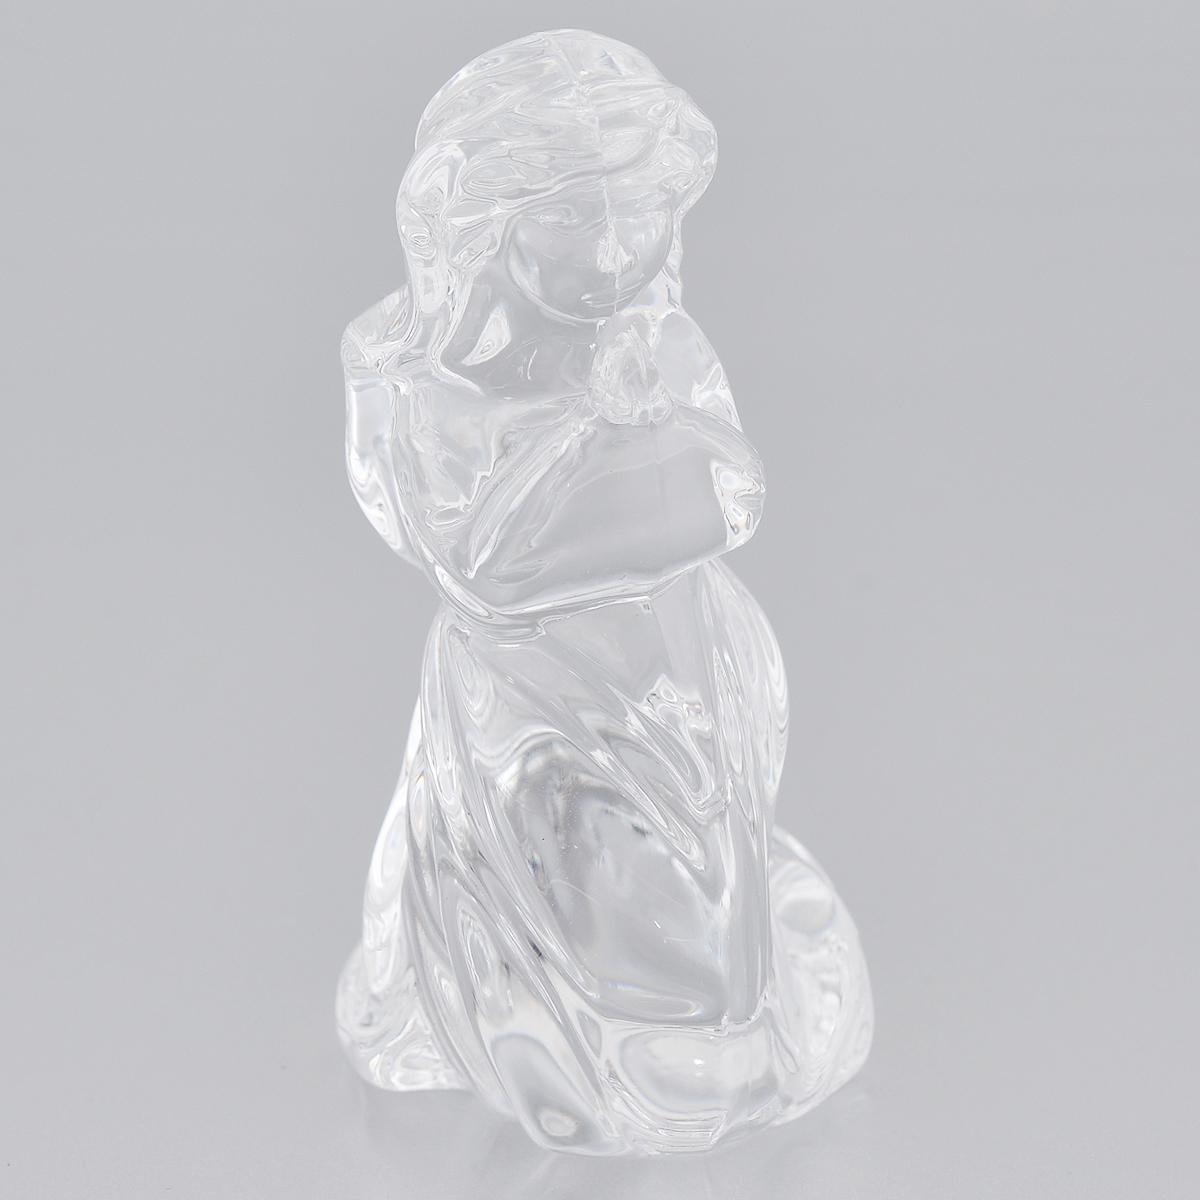 Фигурка декоративная Crystal Bohemia Ангел, высота 8 см452013Фигурка Crystal Bohemia Ангел изготовлена из высококачественного хрусталя. Фигурка выполнена в виде ангела и сочетает в себе изысканный дизайн и лаконичность. Она прекрасно подойдет для декора интерьера дома или офиса и станет достойным дополнением к вашей коллекции. Вы можете поставить фигурку в любом месте, где она будет удачно смотреться и радовать глаз. Кроме того - это отличный вариант подарка для ваших близких и друзей. Высота: 8 см.